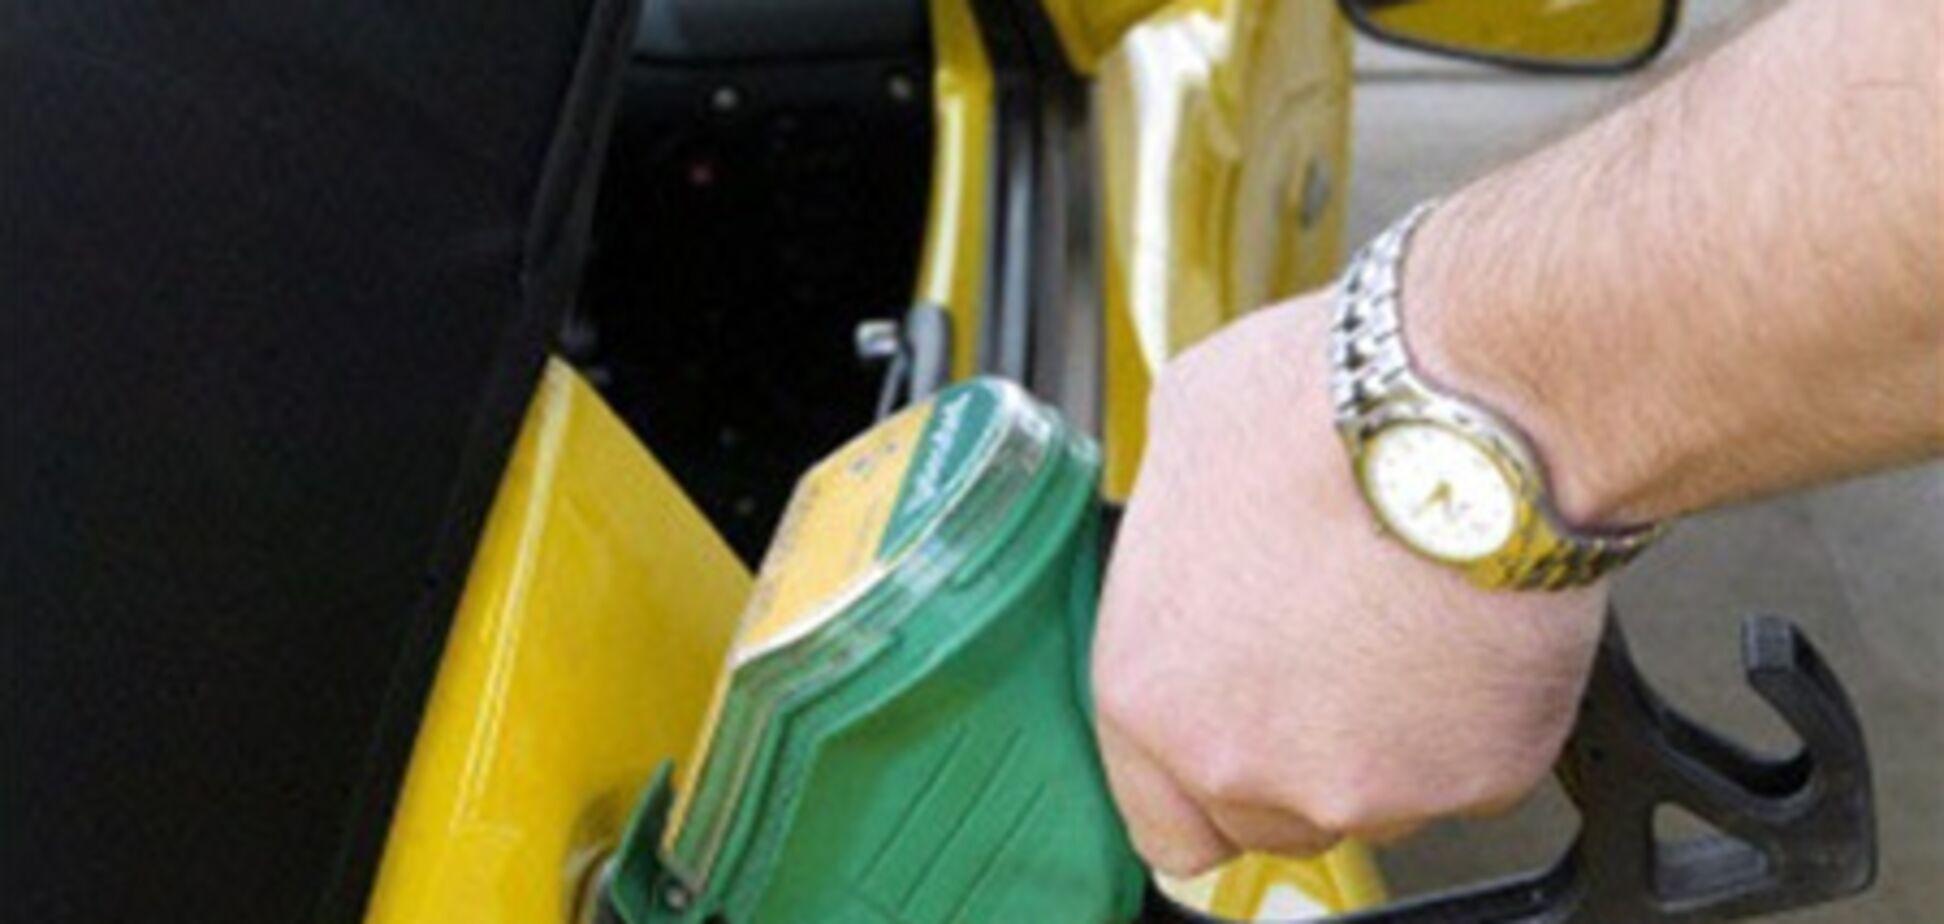 Цены на бензин останутся стабильными до конца сентября